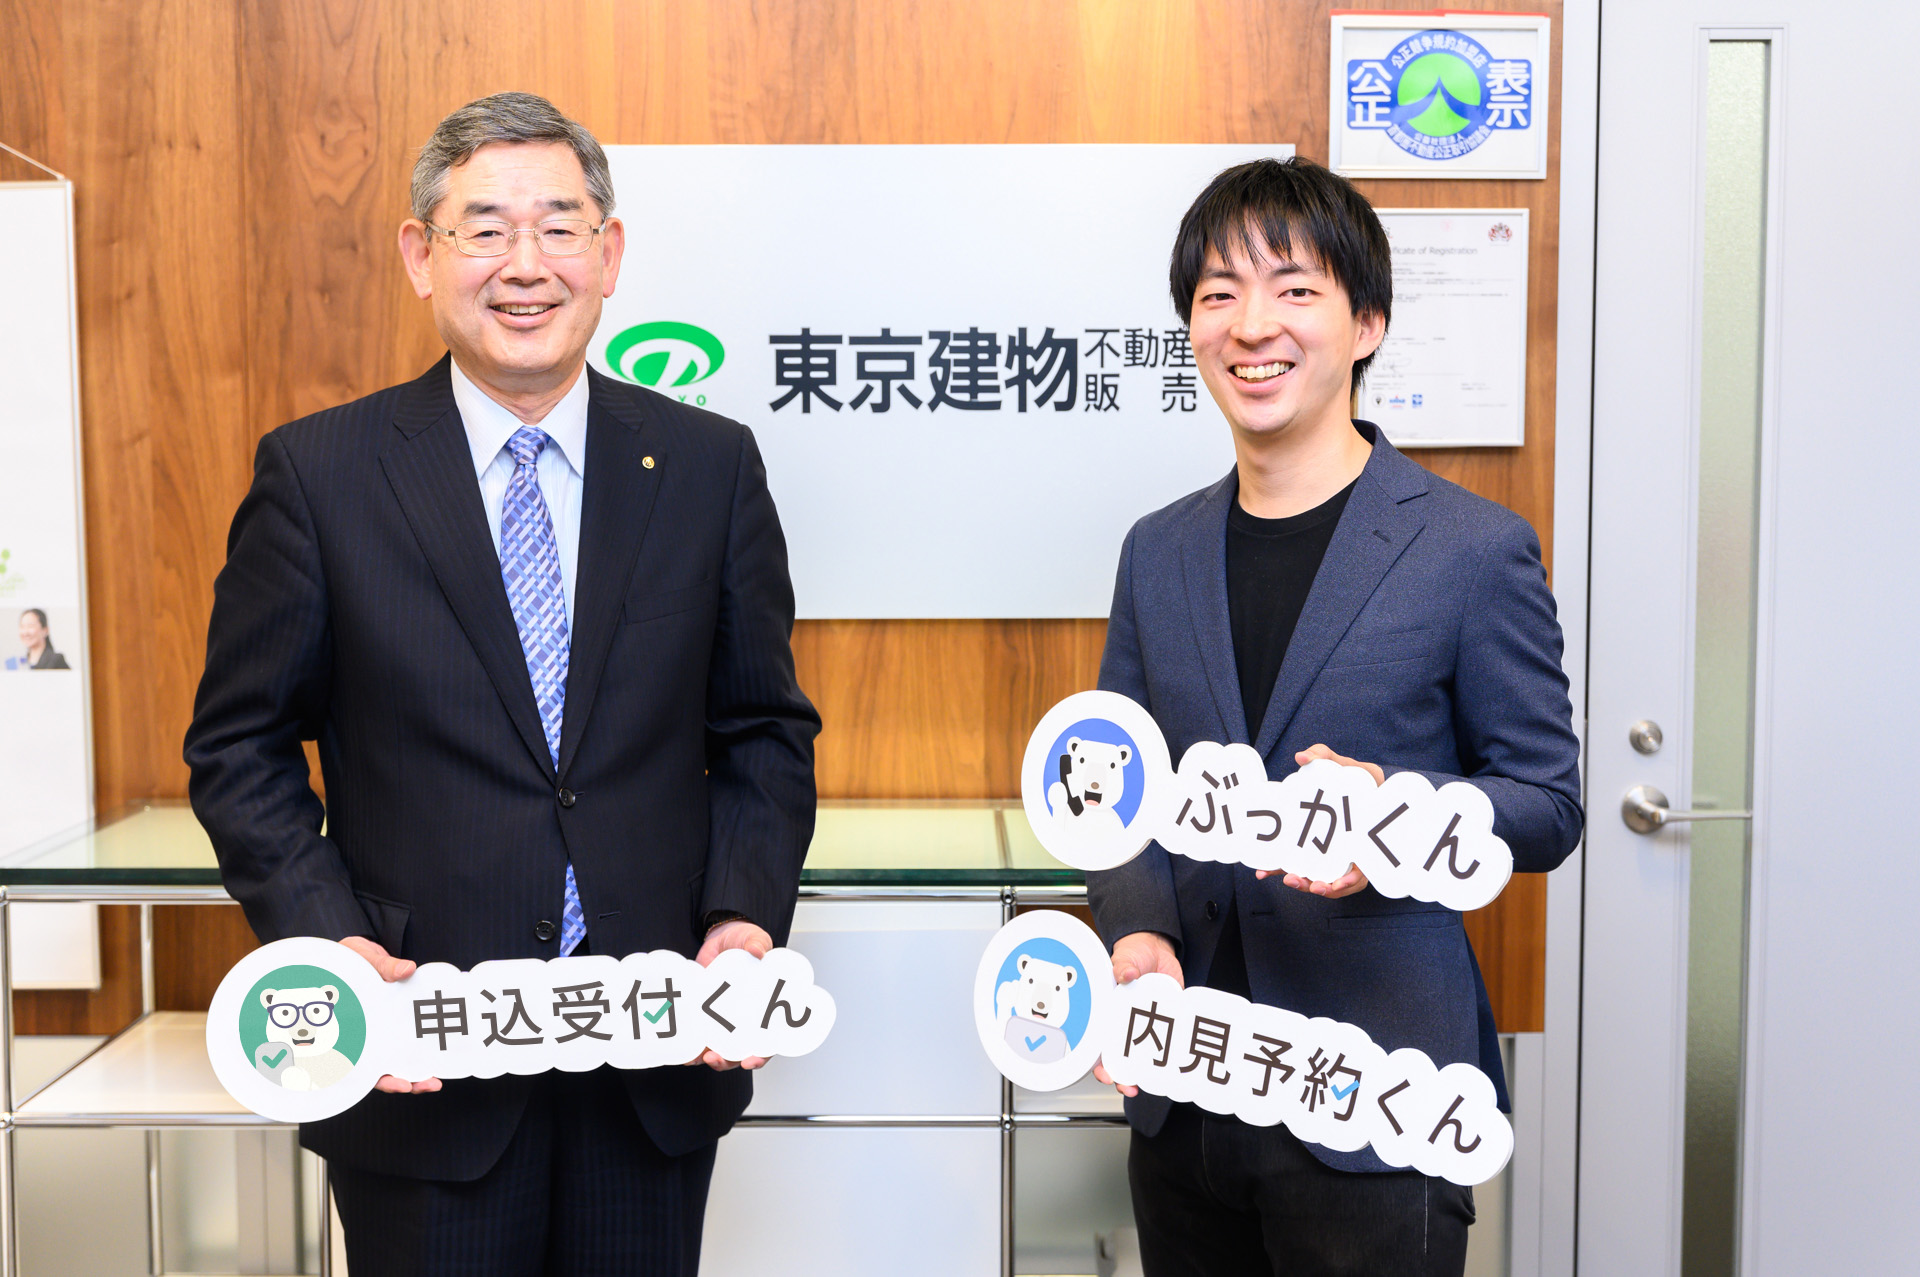 東京建物不動産販売の賃貸物件、入居申込手続きをデジタル化